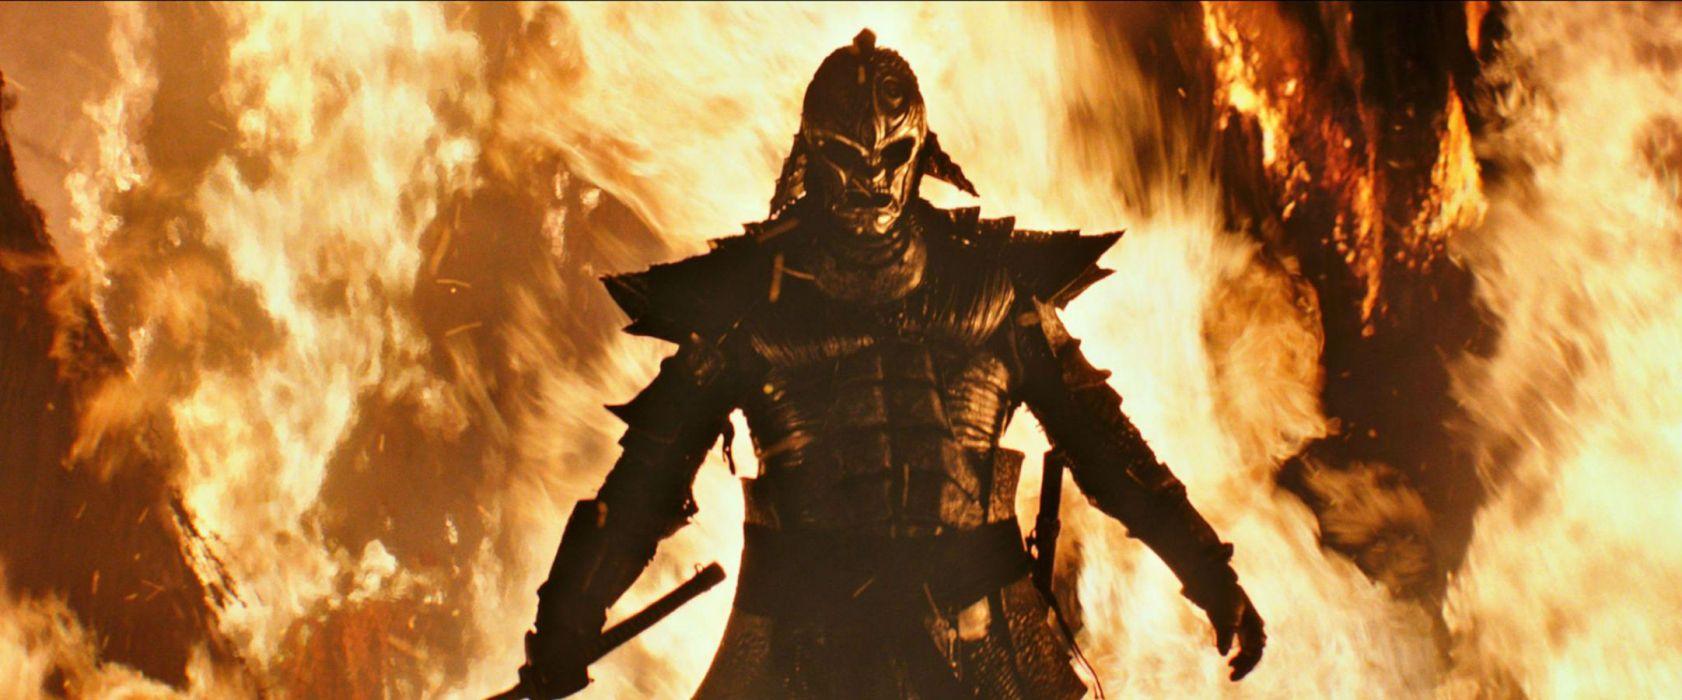 47 Ronin Samurai 47 Ronin Warrior Armor Fantasy Fire F